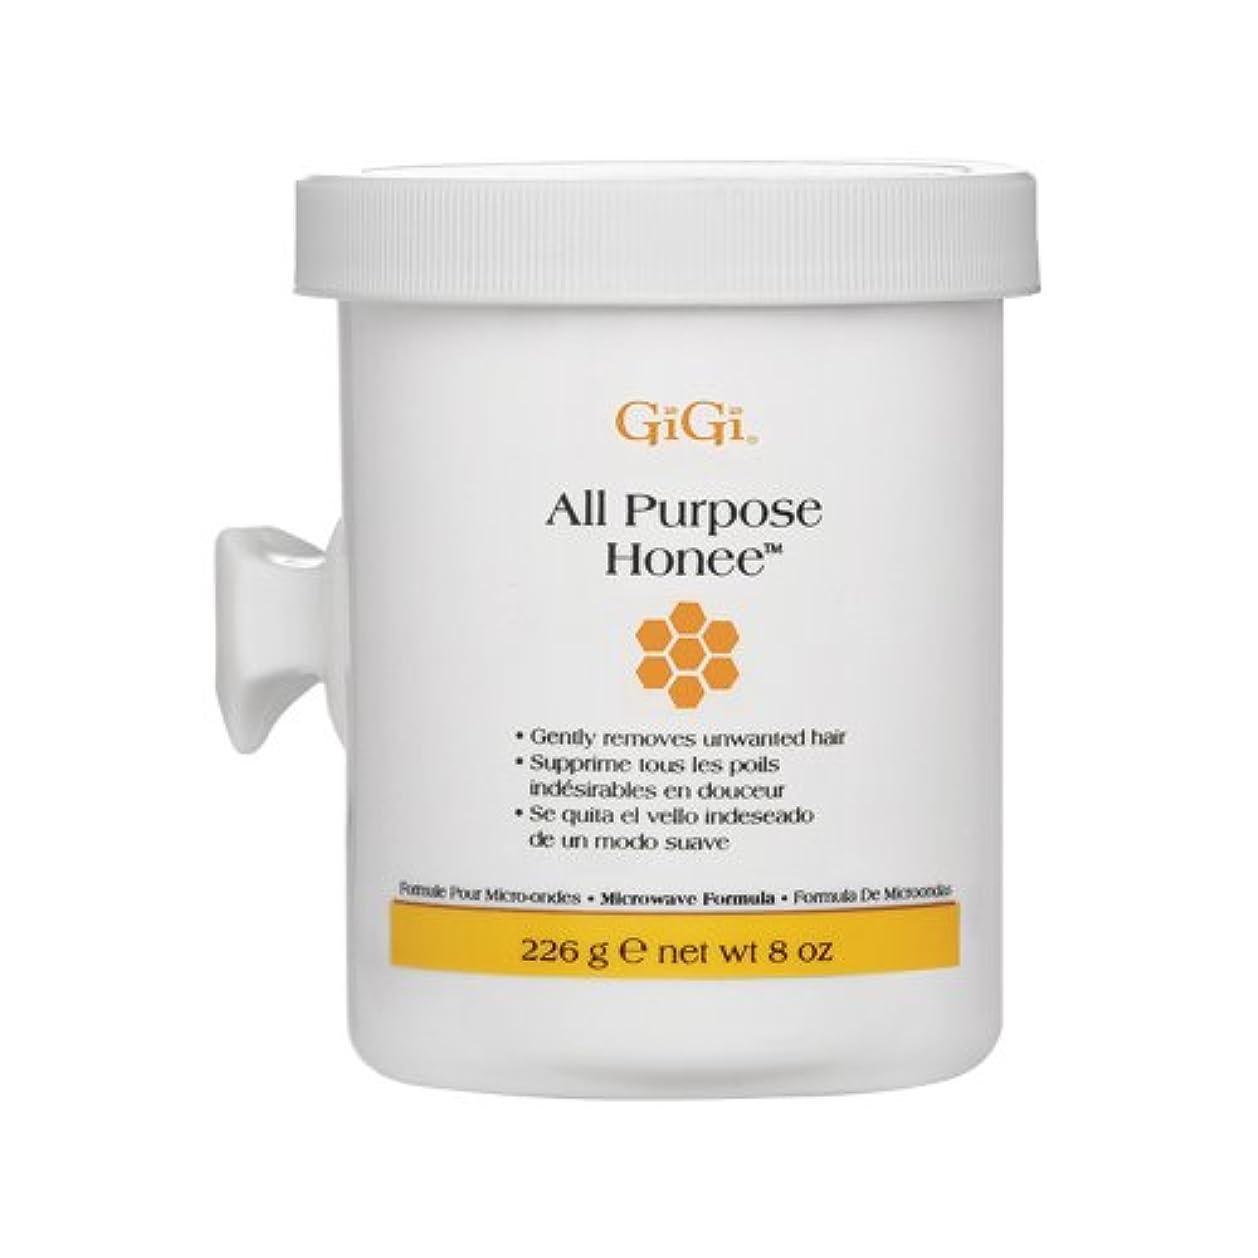 フレア起訴する不健全GiGi All Purpose Microwave Honee Wax 236 ml (並行輸入品)